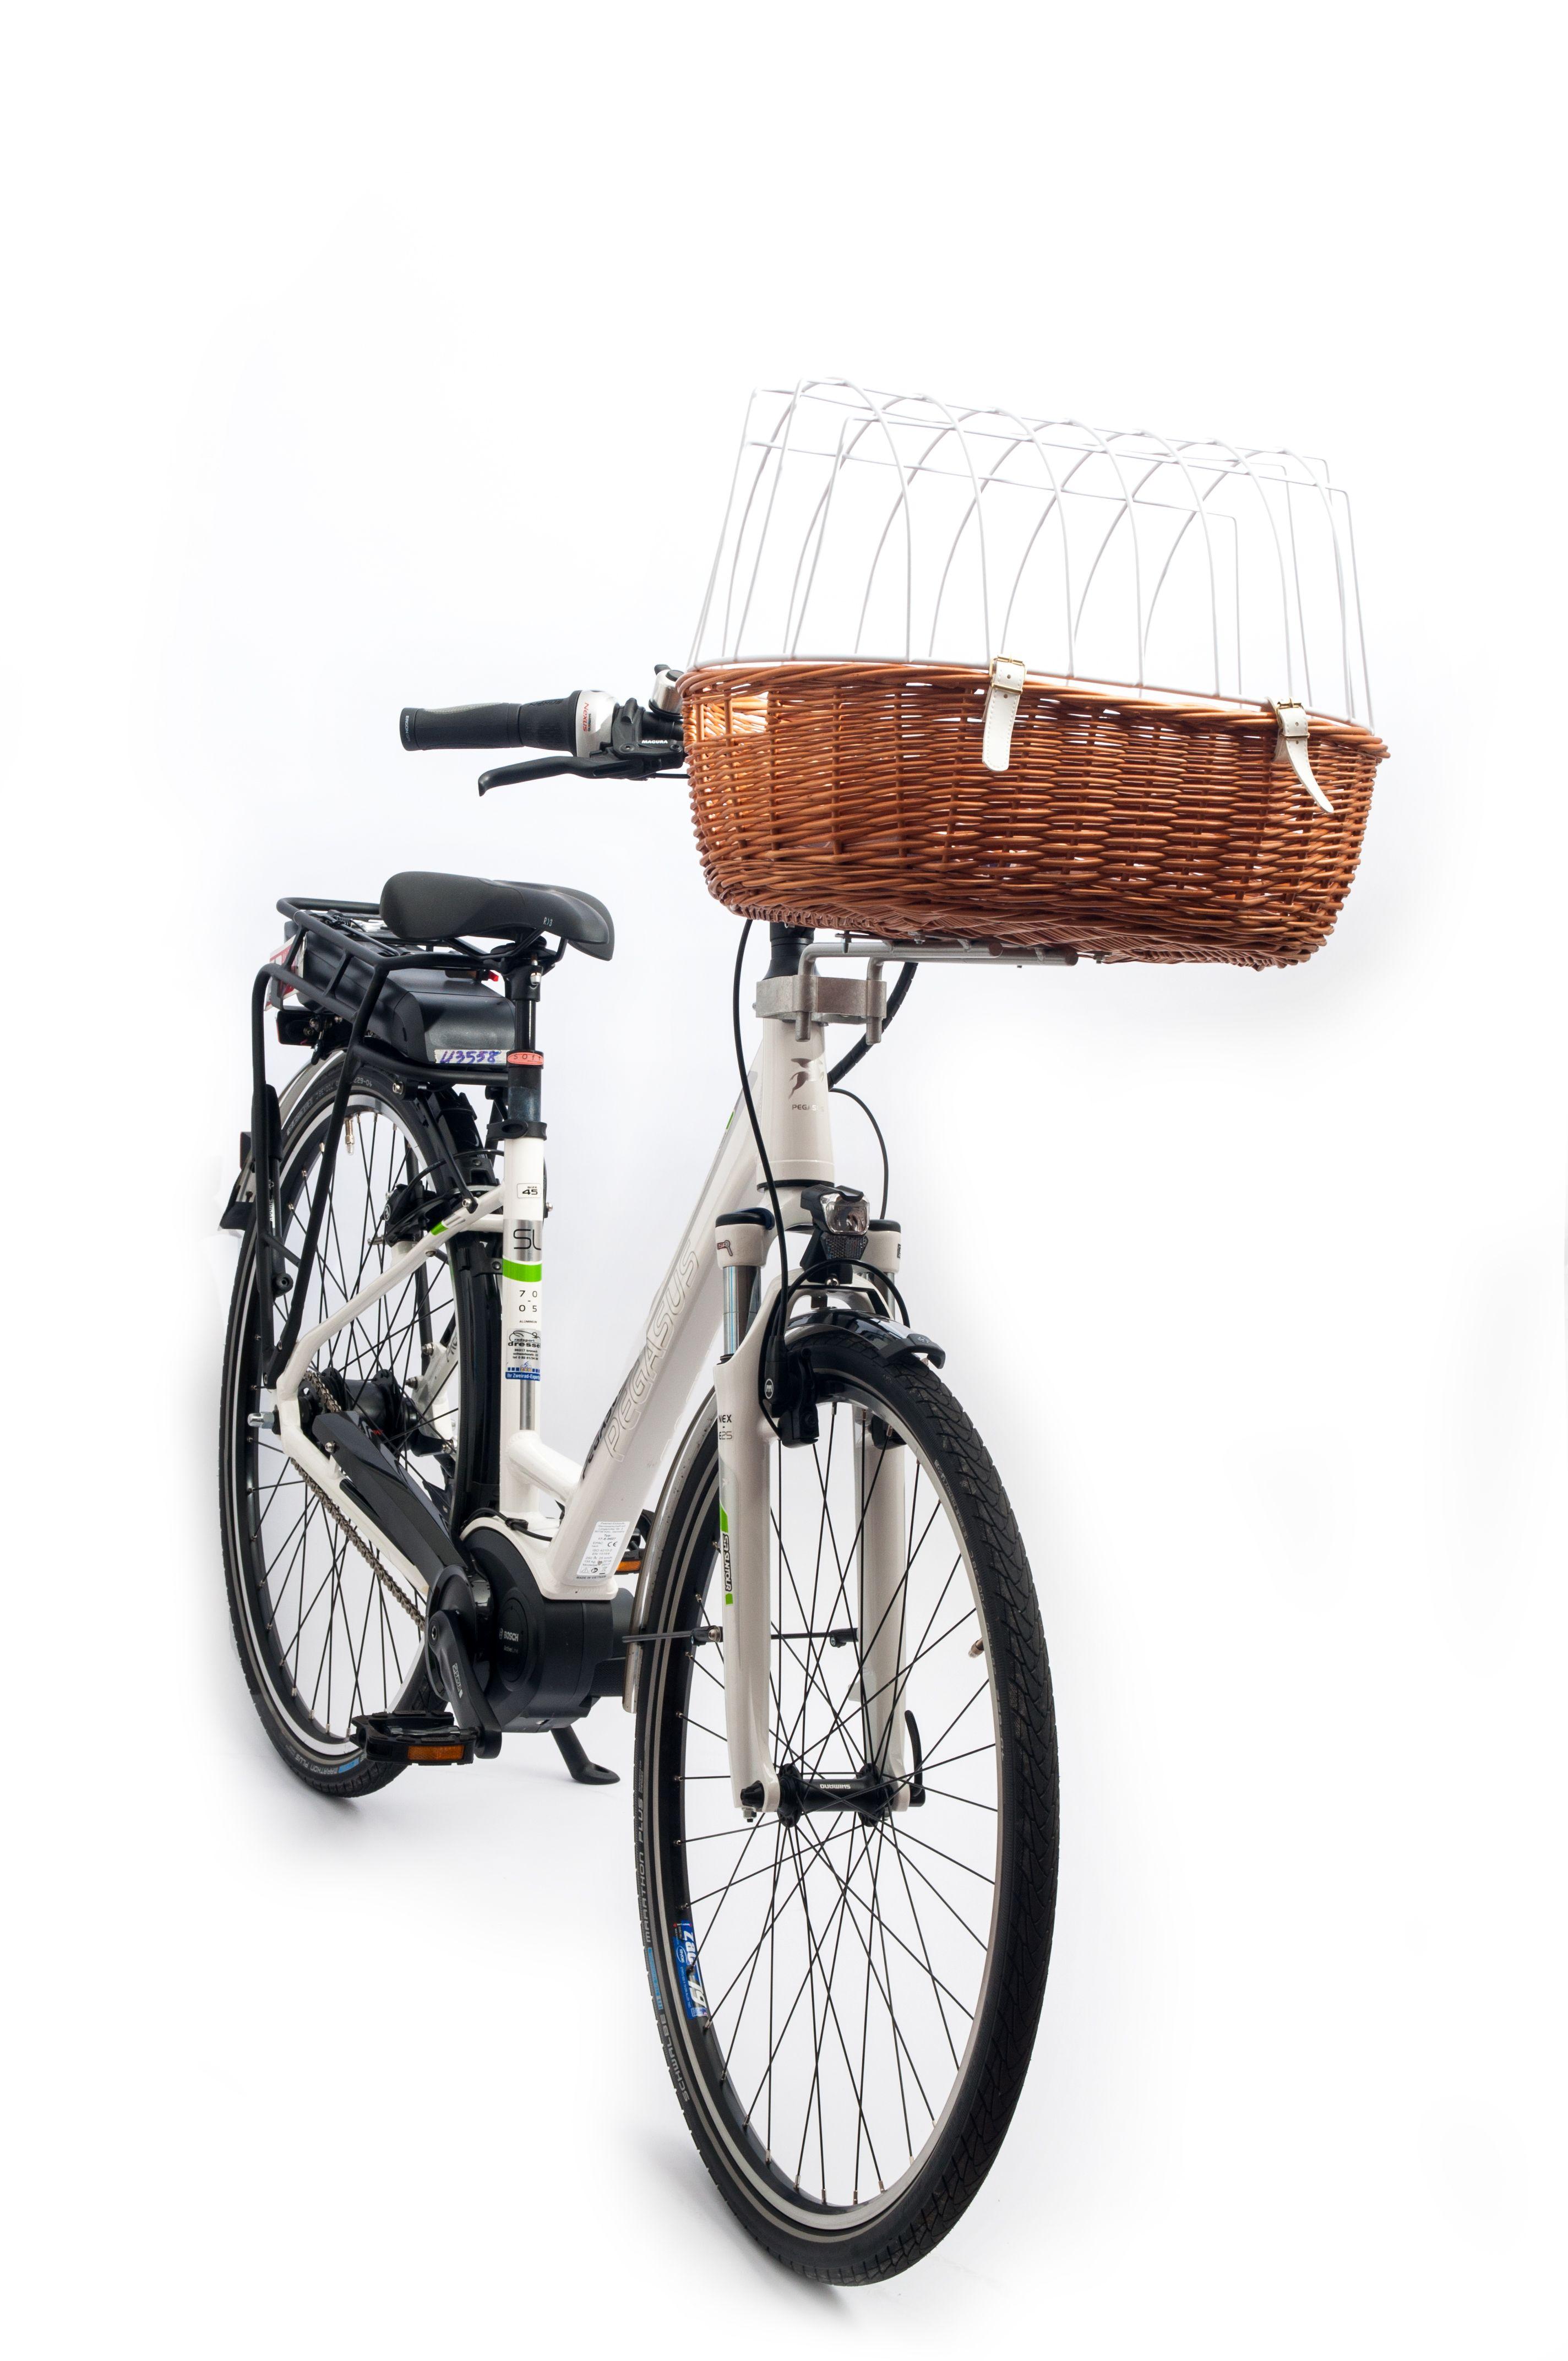 Aumüller E-Bike fähiger Fahrradkorb komplett mit Steuerkopfmontagesystem 167 53x40x25/46cm